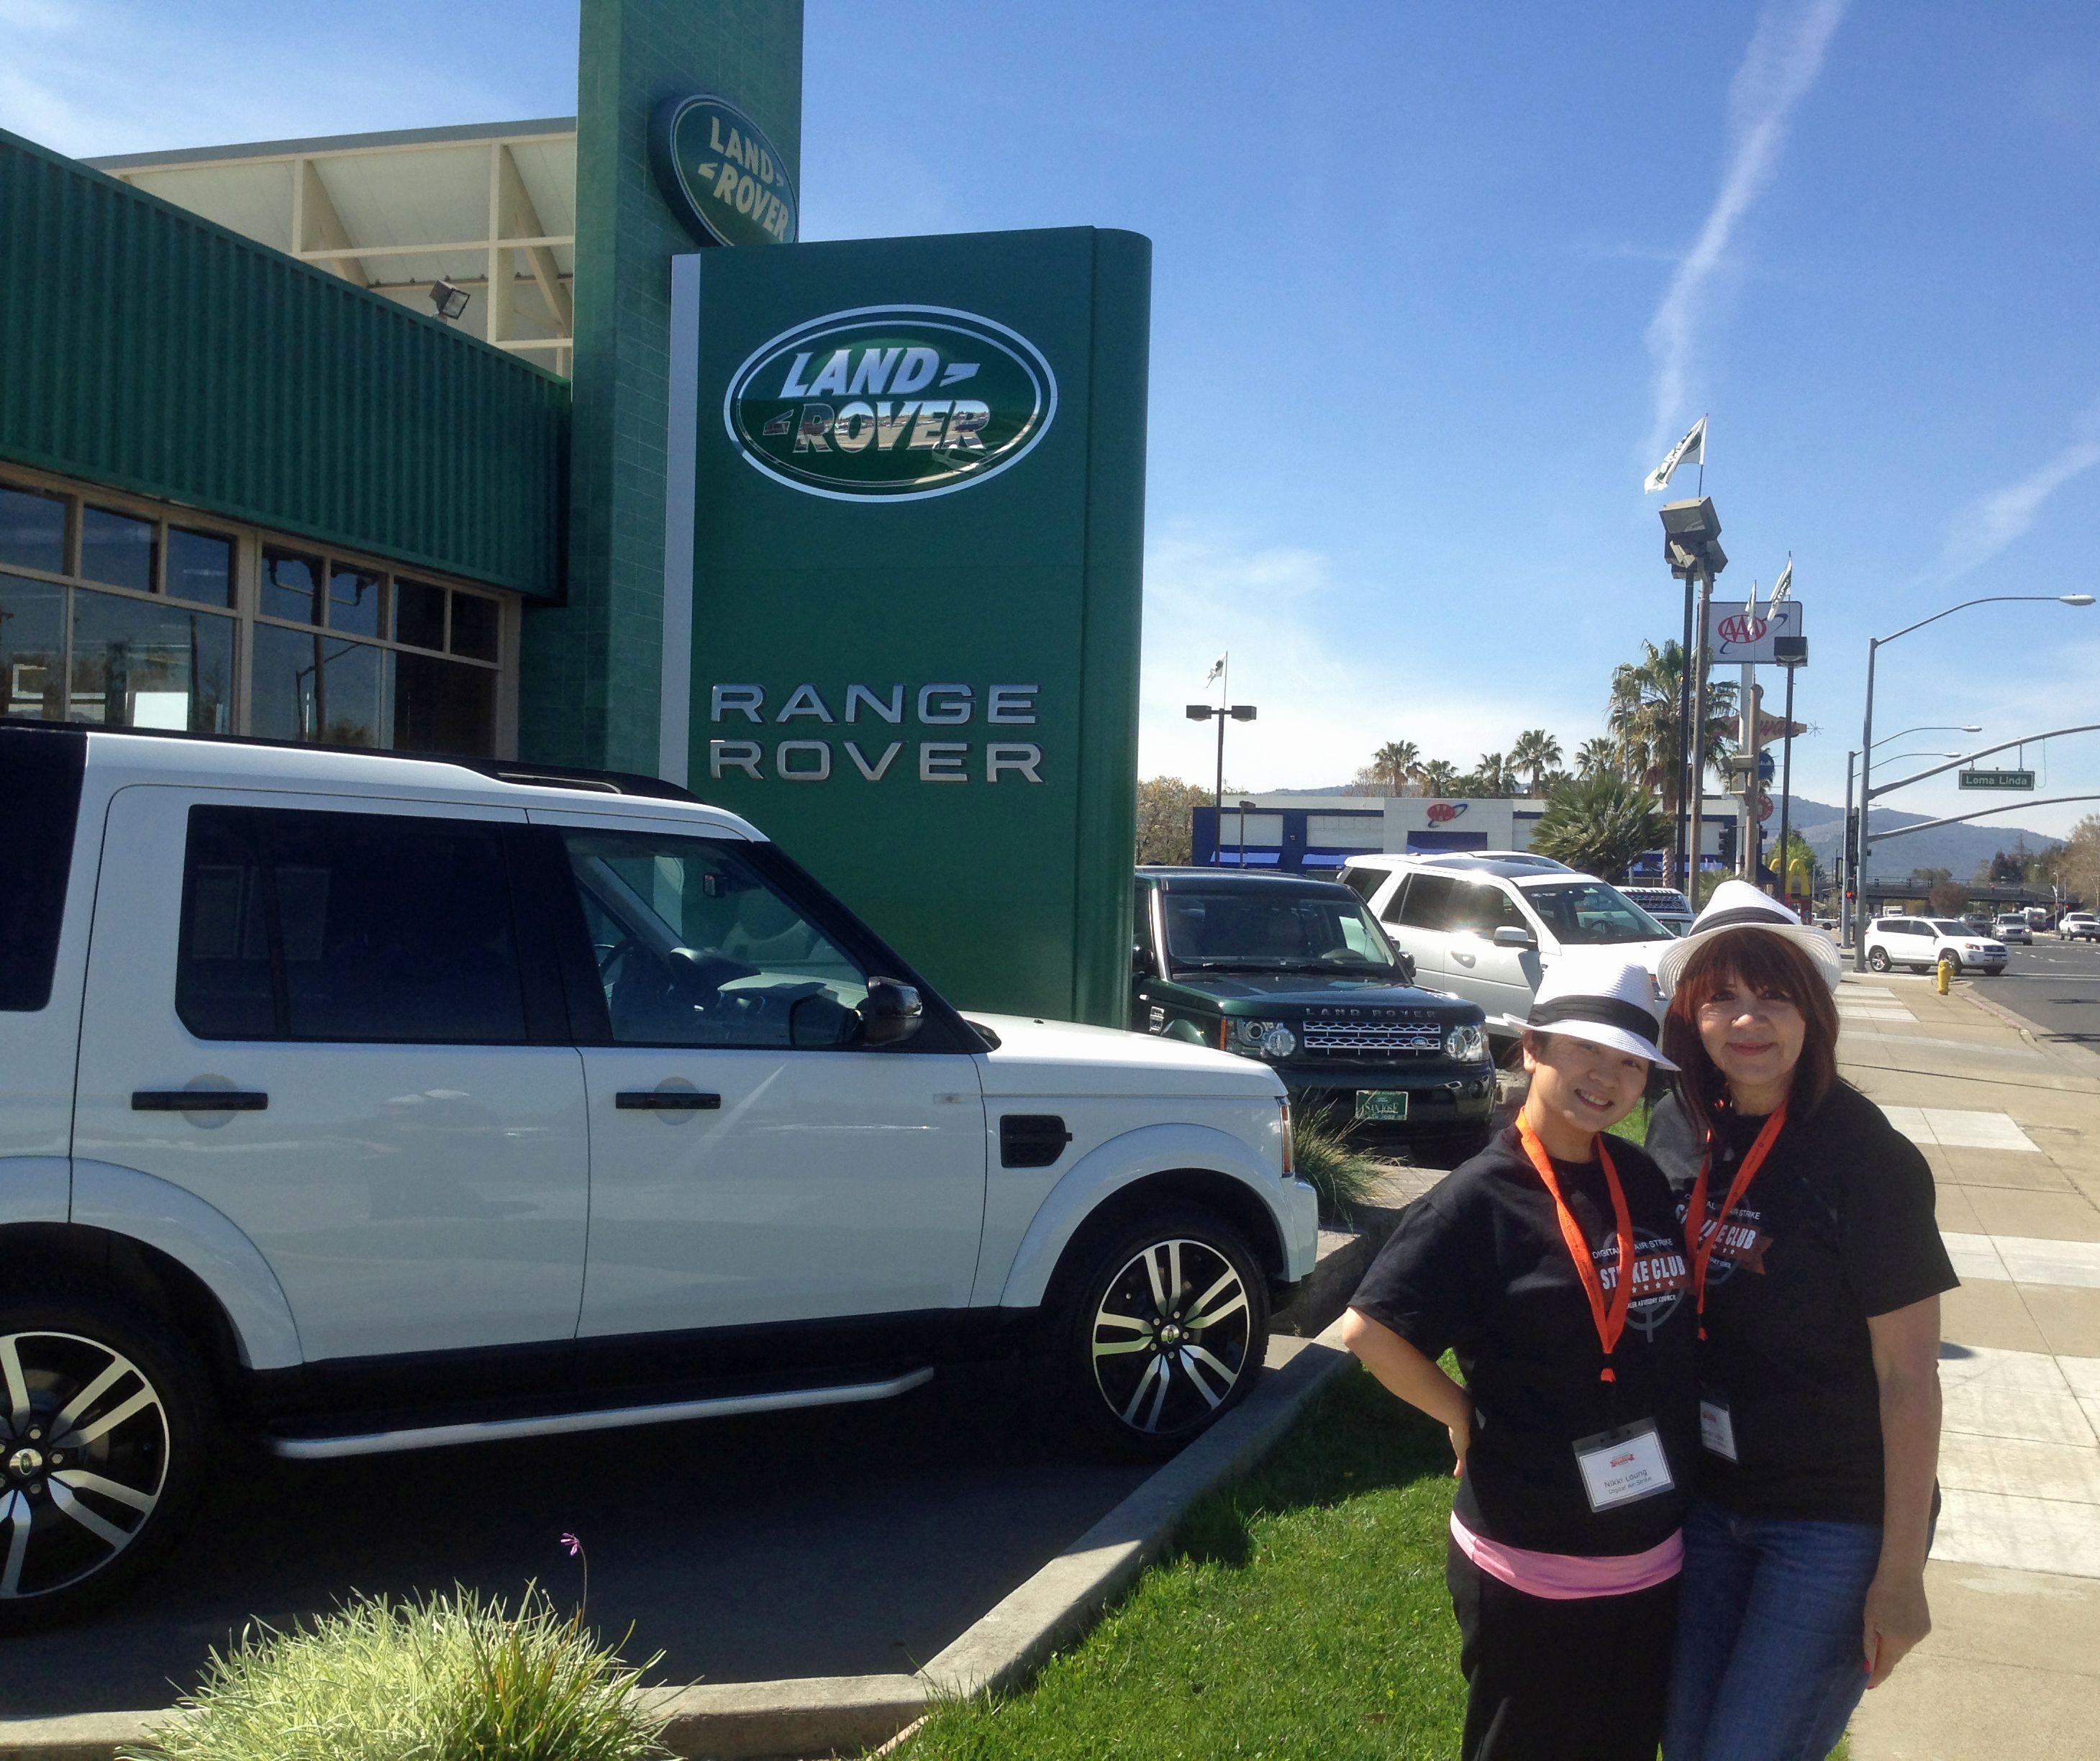 Having Fun At Land Rover San Jose Strikeclubsiliconvalley Land Rover Have Fun Range Rover